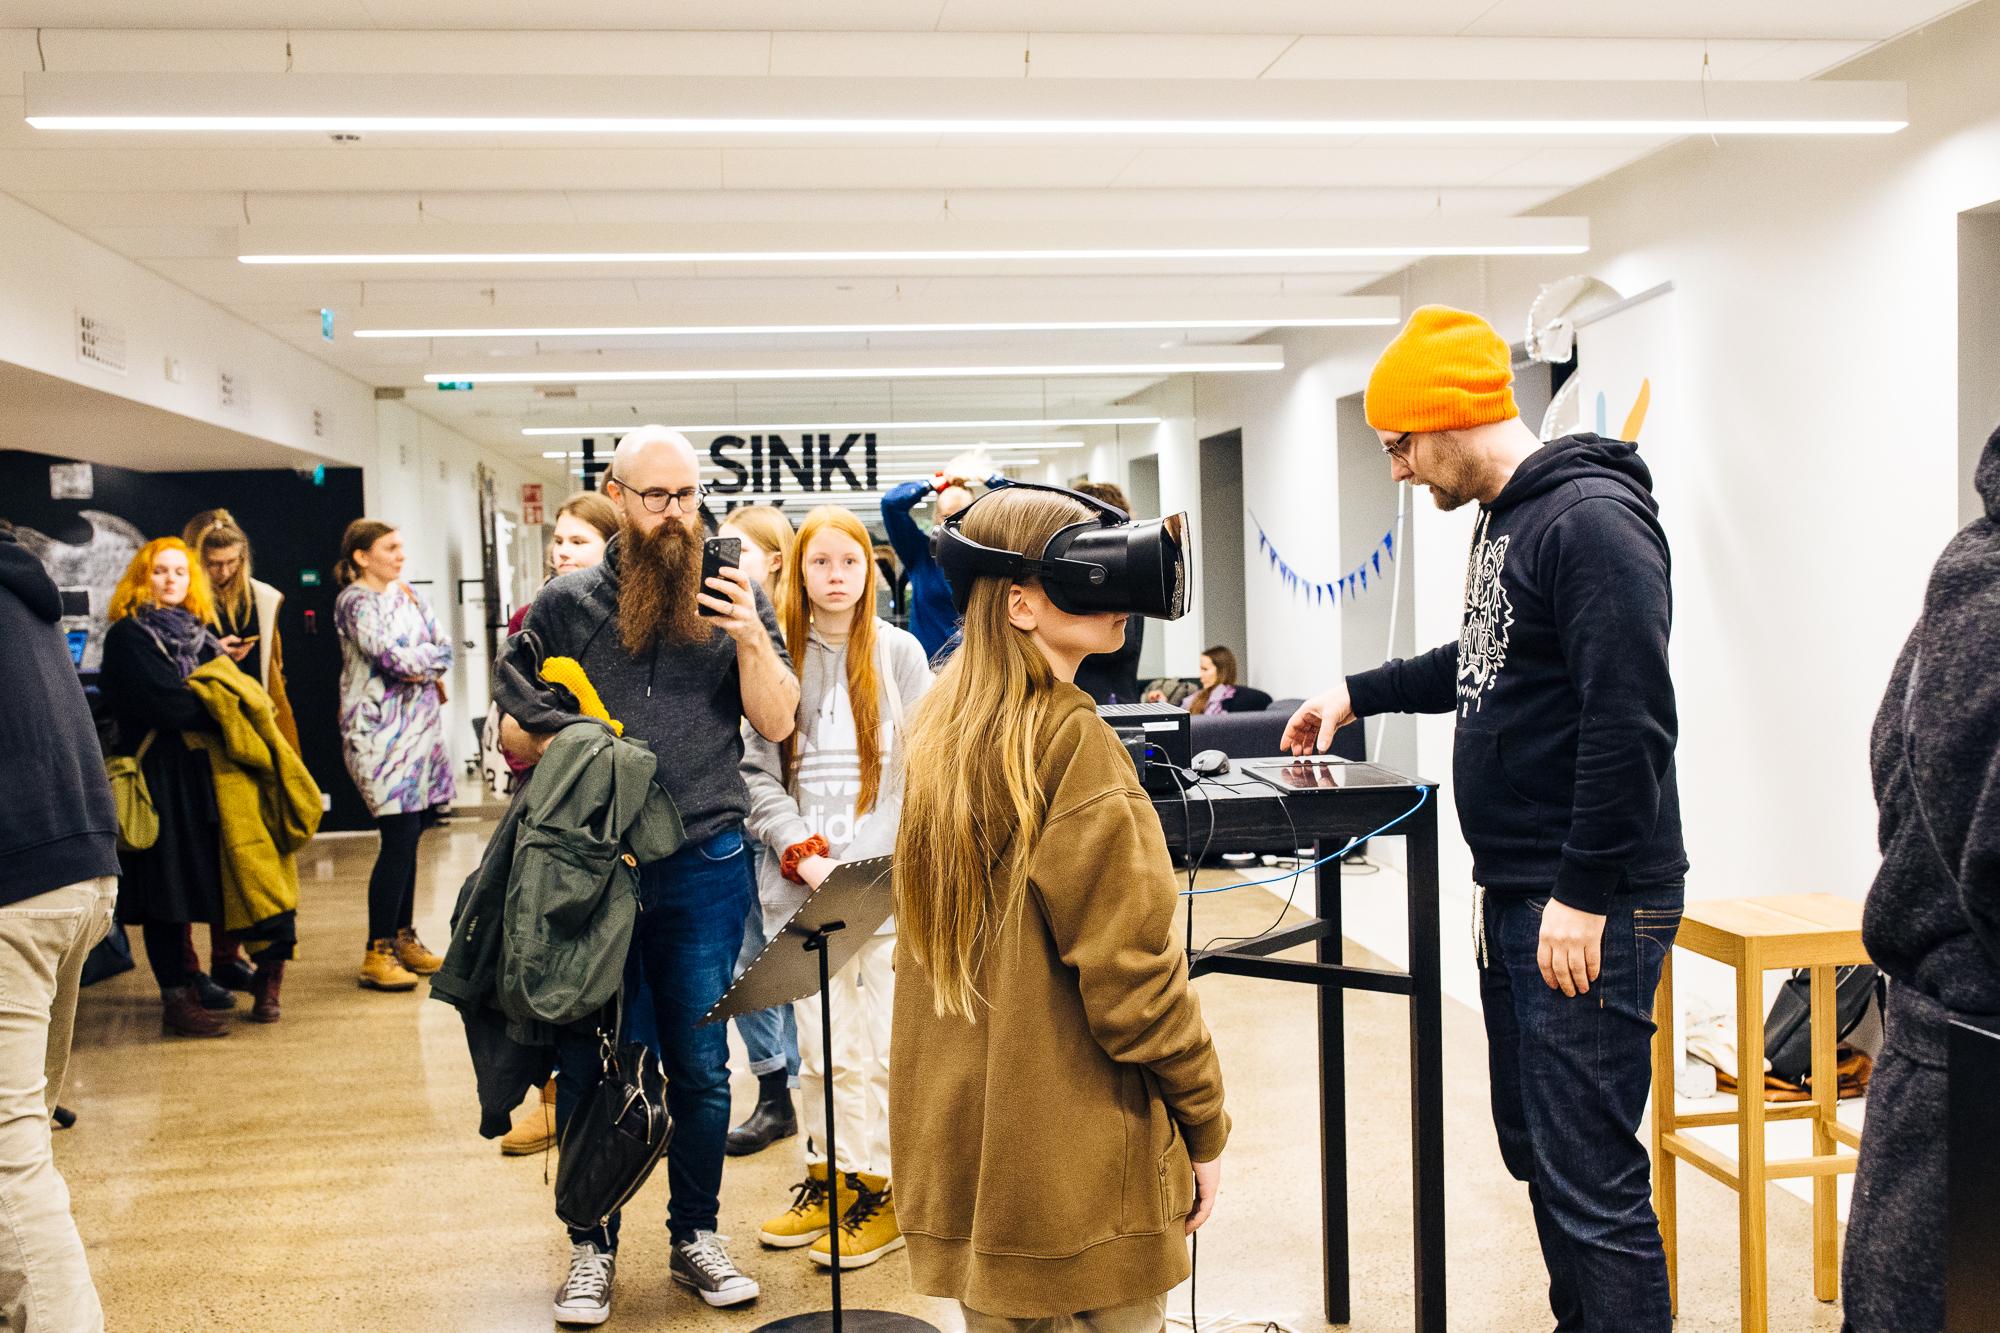 Tiedetapahtuma, jossa yleisö saa kokeilla 3D-laseja, nuorella lasit päässä, muut odottavat vuoroaan.